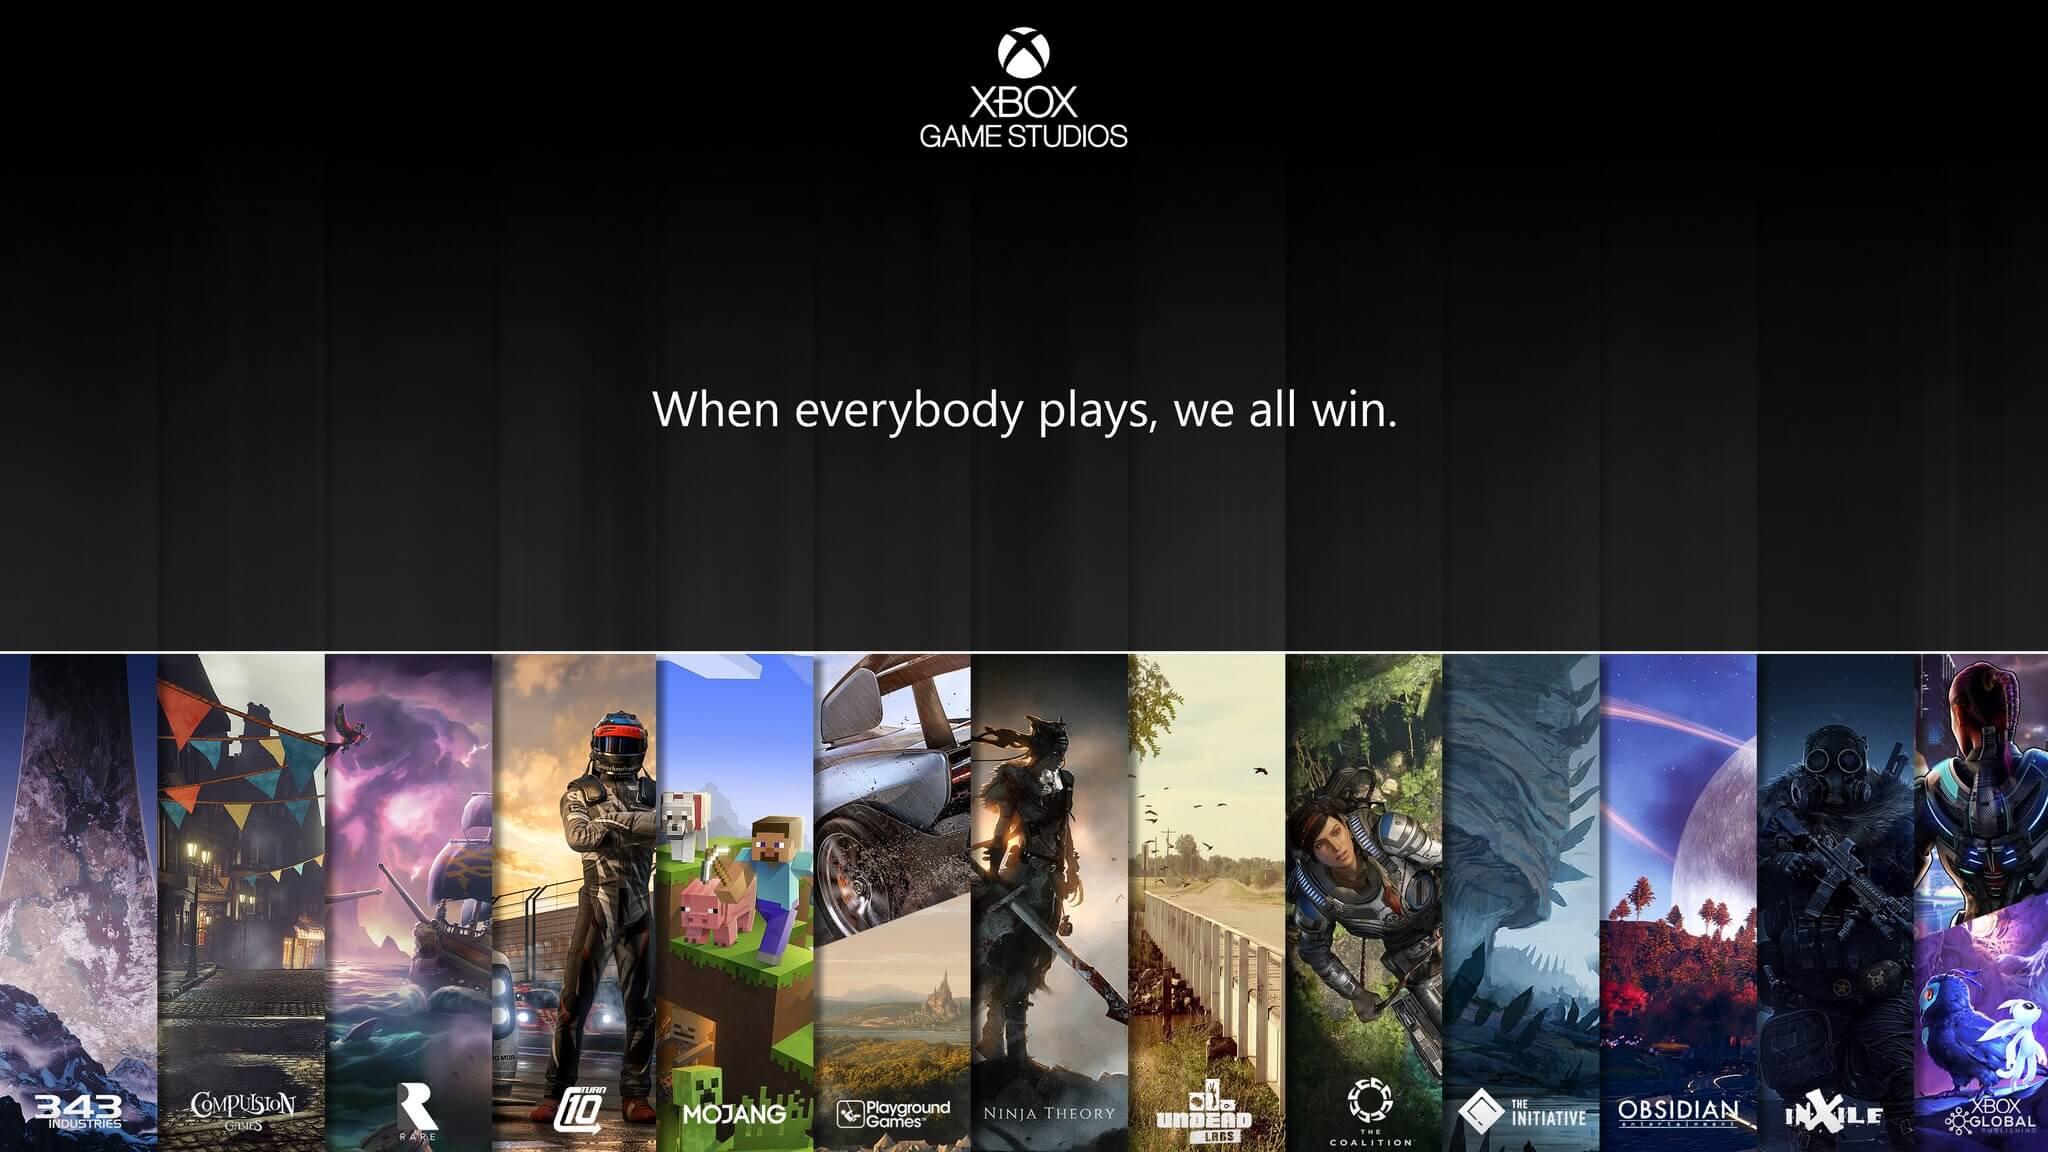 Инсайдер: первым релизом Xbox Game Studios в 2021 году станет ещё не анонсированная игра